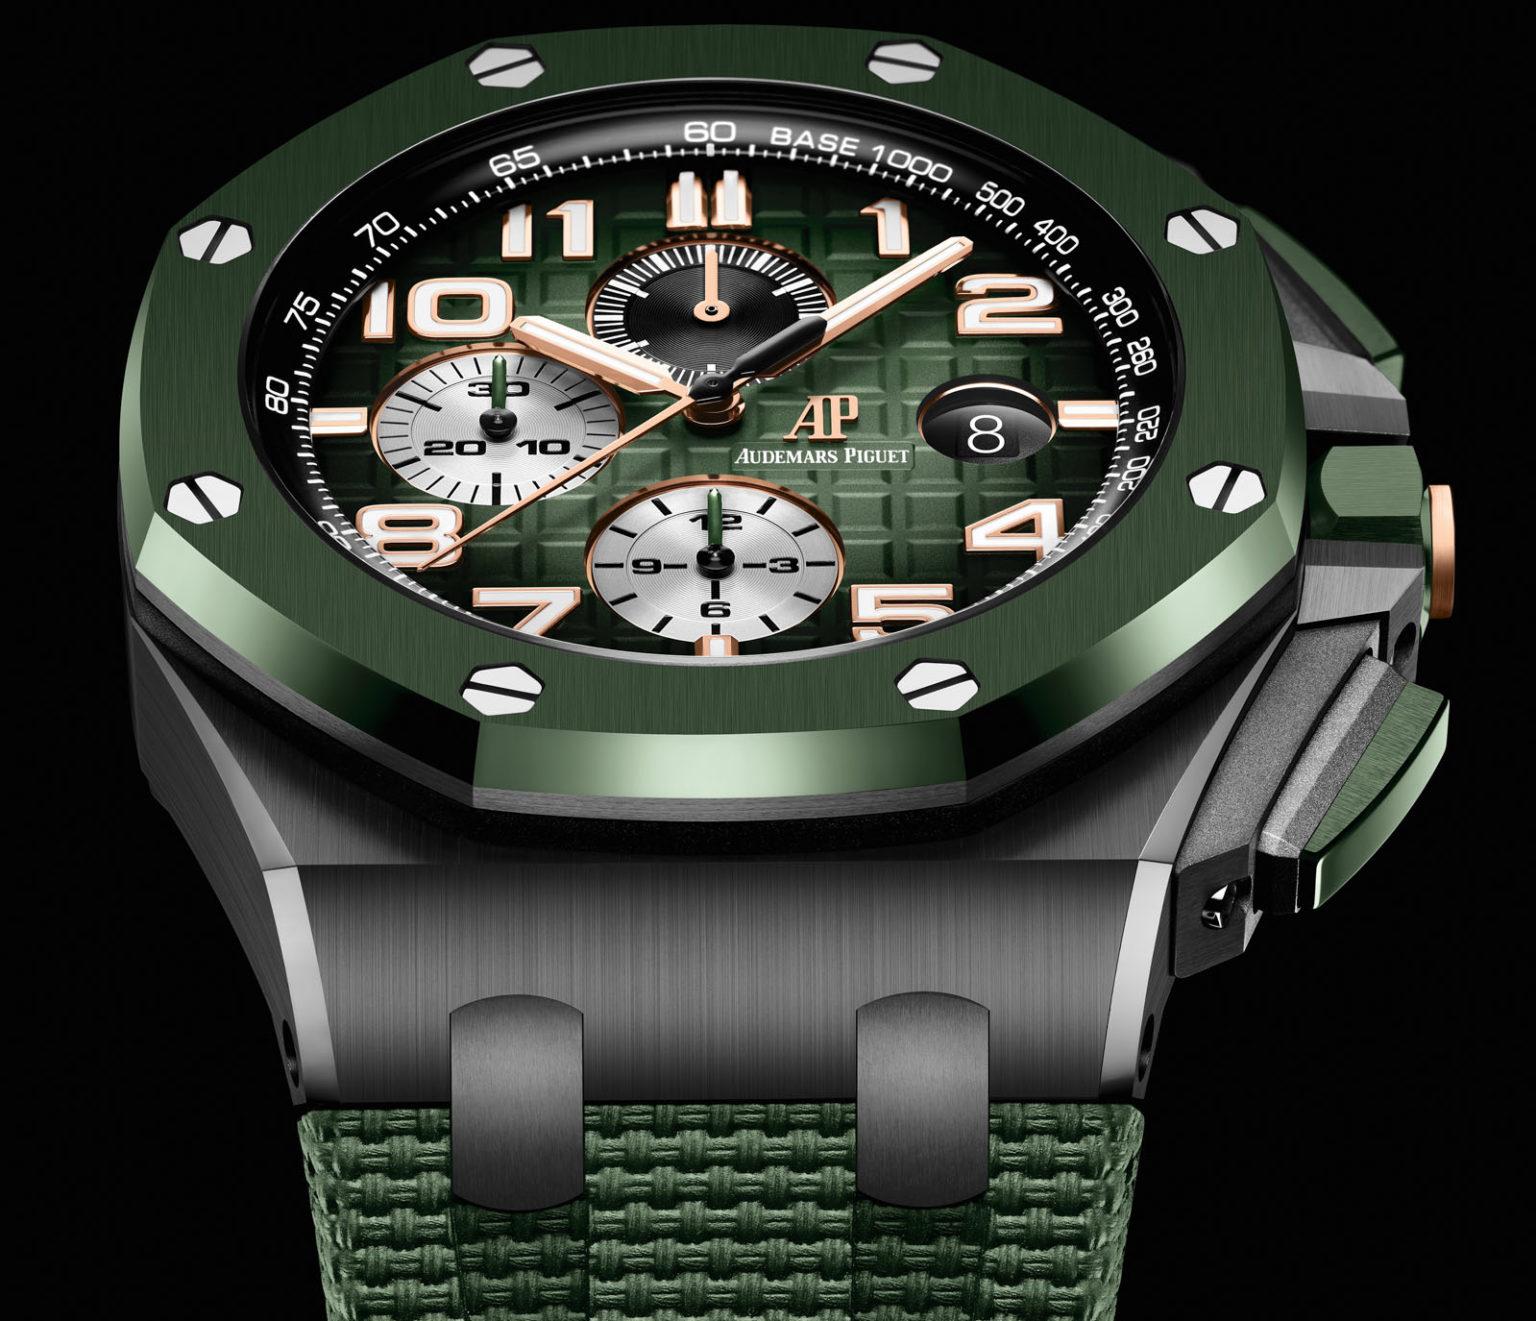 Audemars Piguet Royal Oak Offshore Selfwinding Chronograph 44mm Reloj Replica De Cerámica Negra